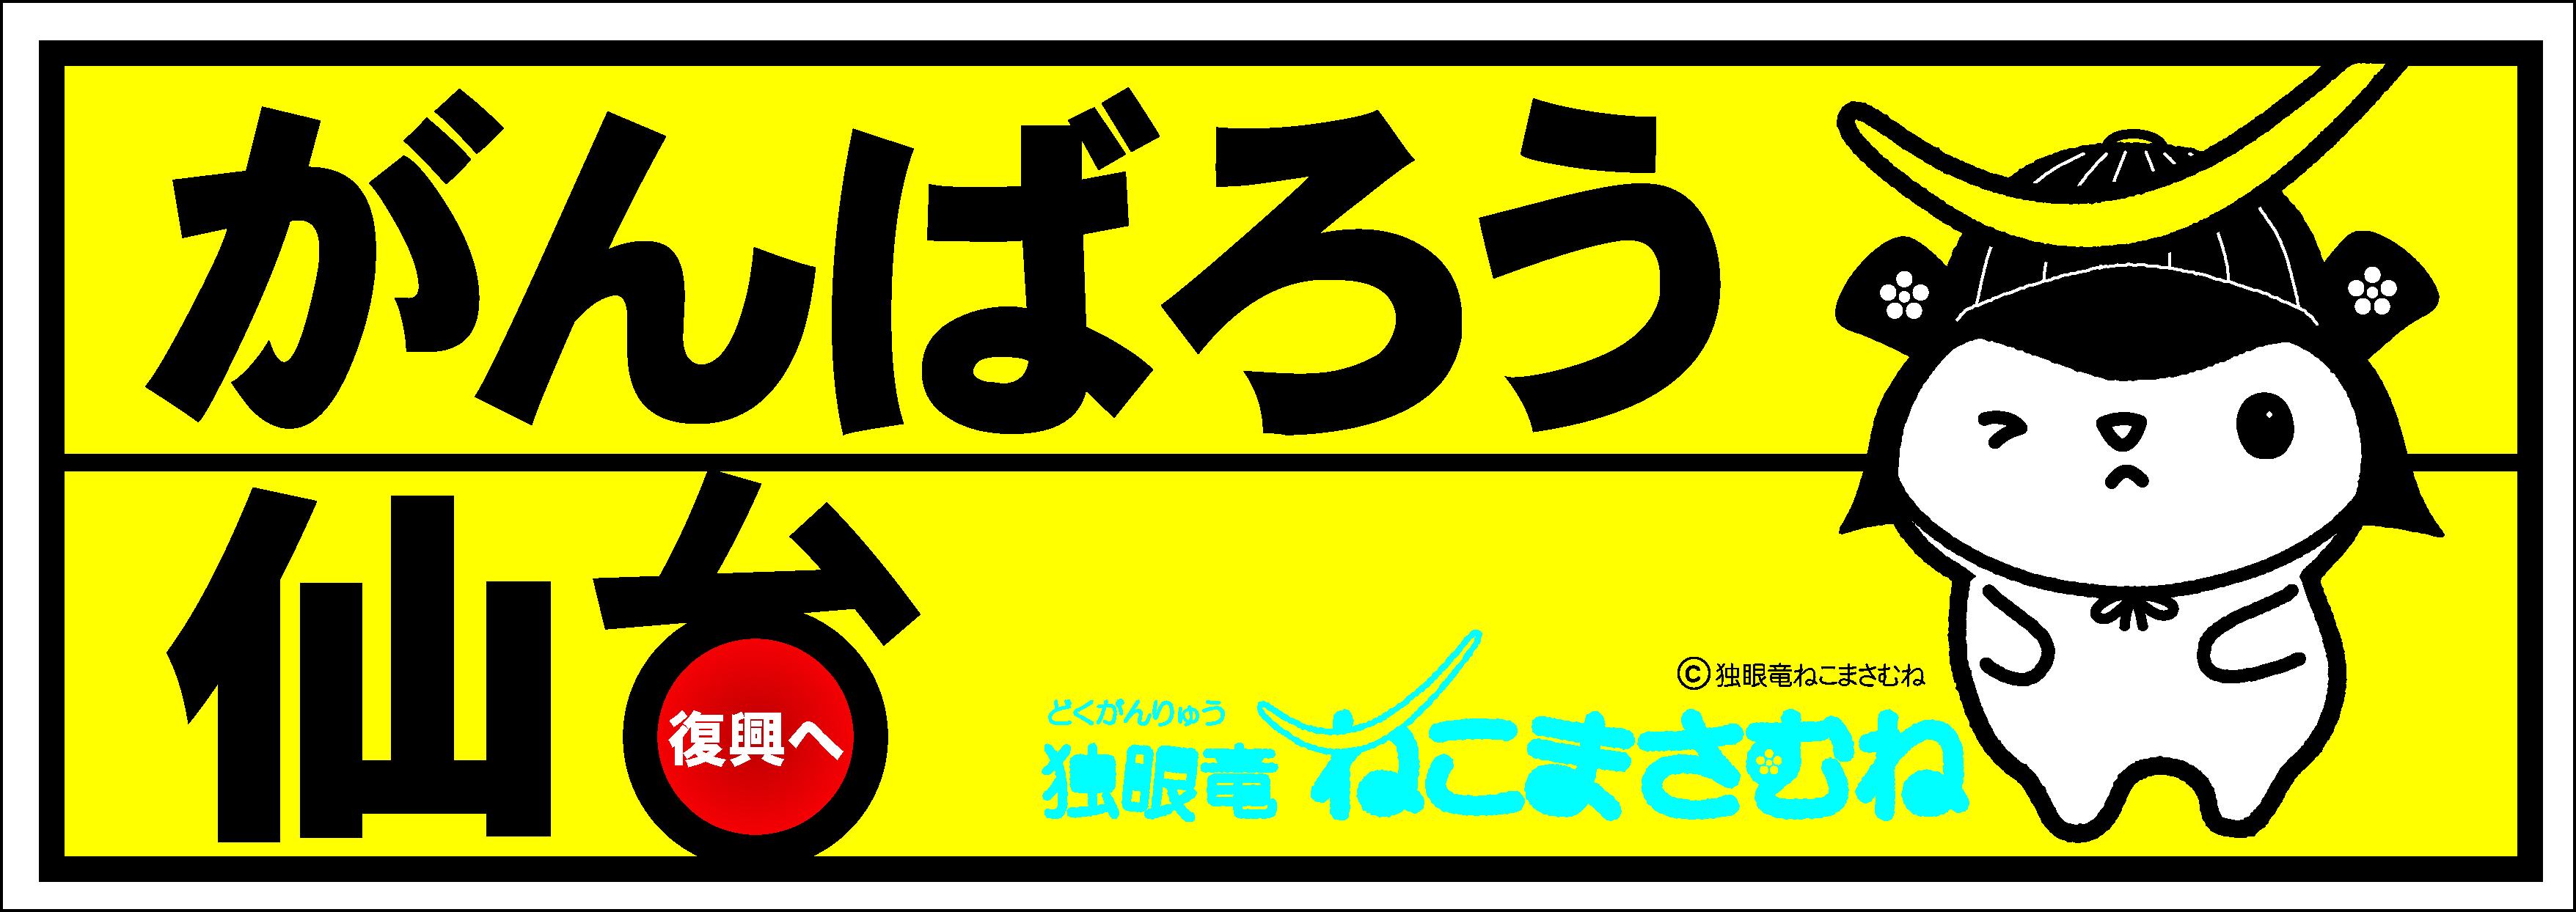 復興支援「がんばろう仙台」ねこまさむねロゴポスター画像